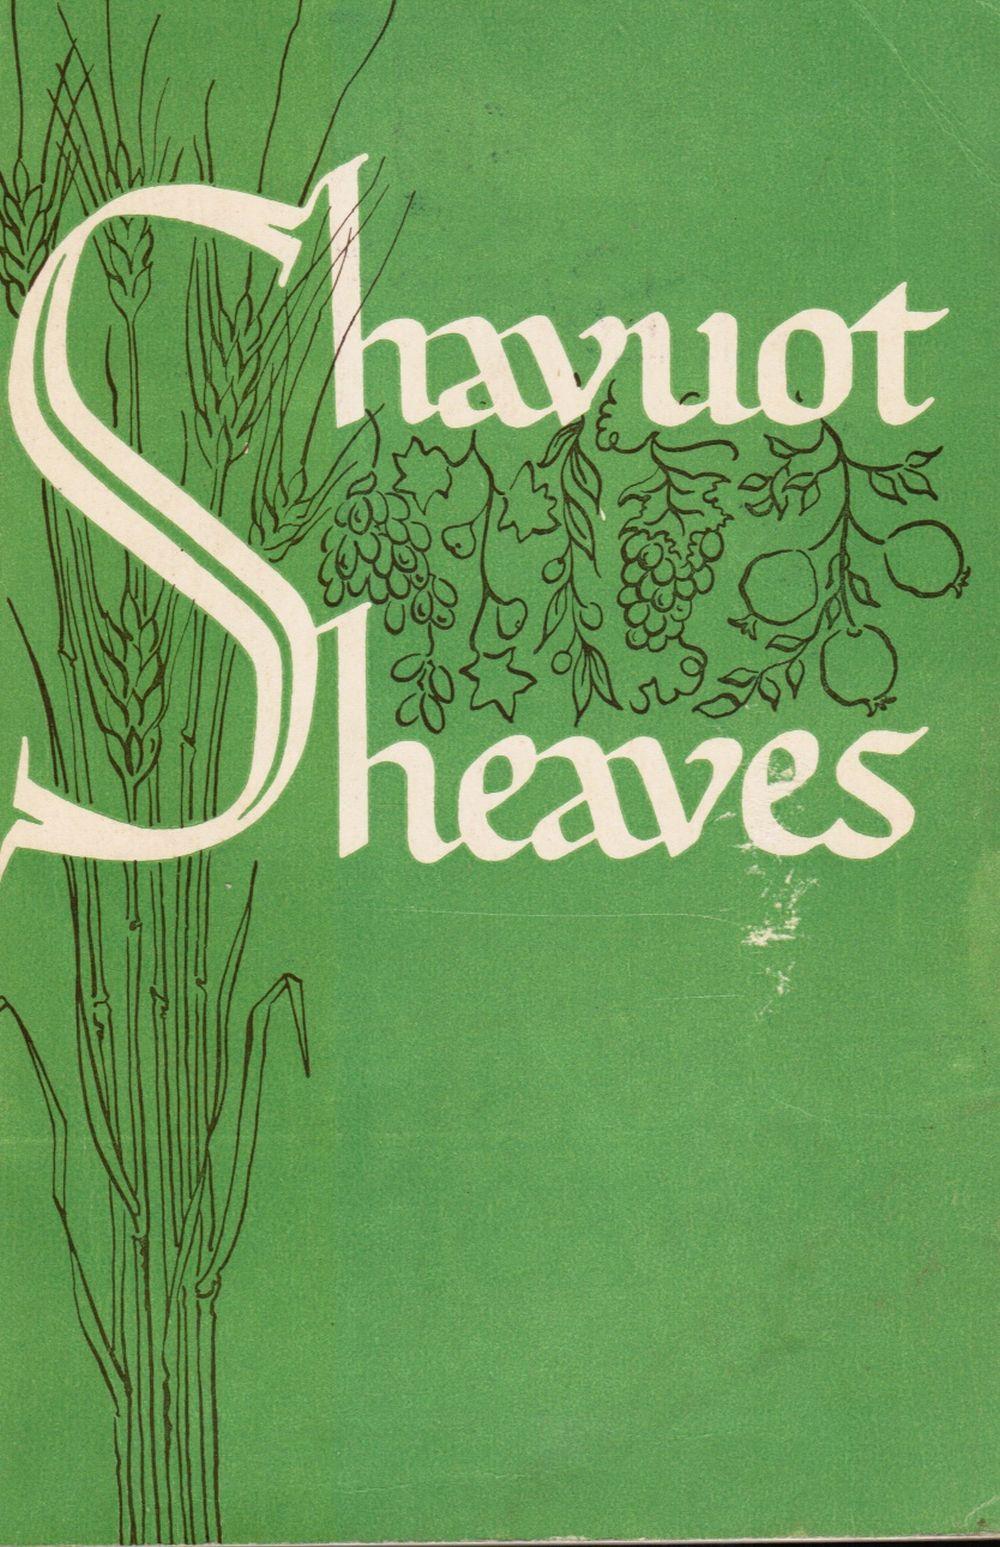 Shavuot Sheaves